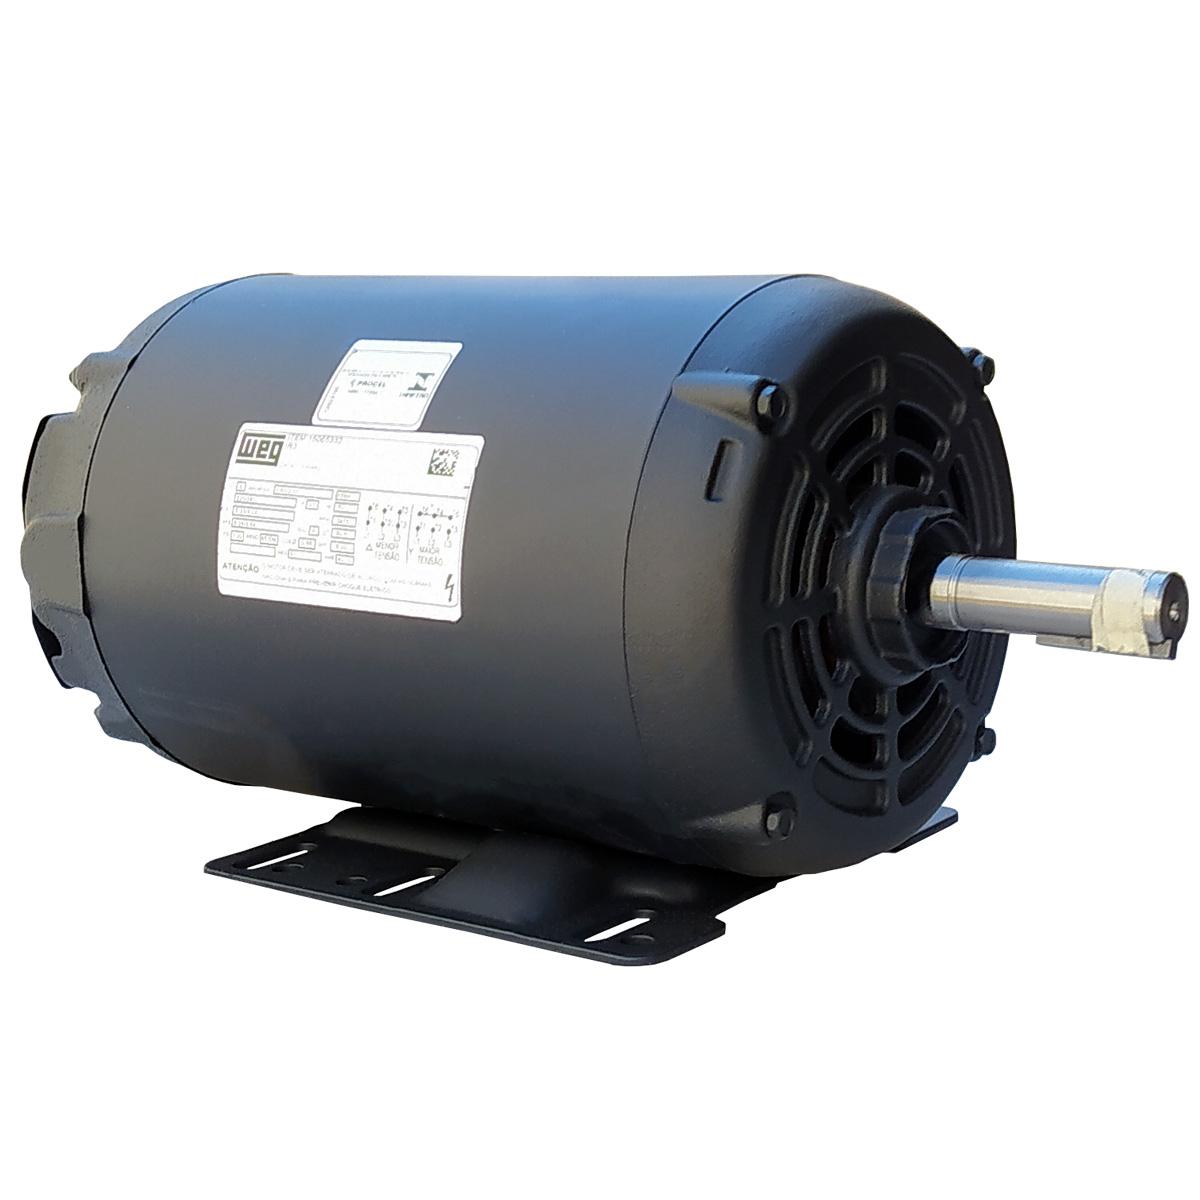 Motor Elétrico Trifásico 2cv 2 Polos Alta Rotação 220/380v Aberto IP21 Weg IR3